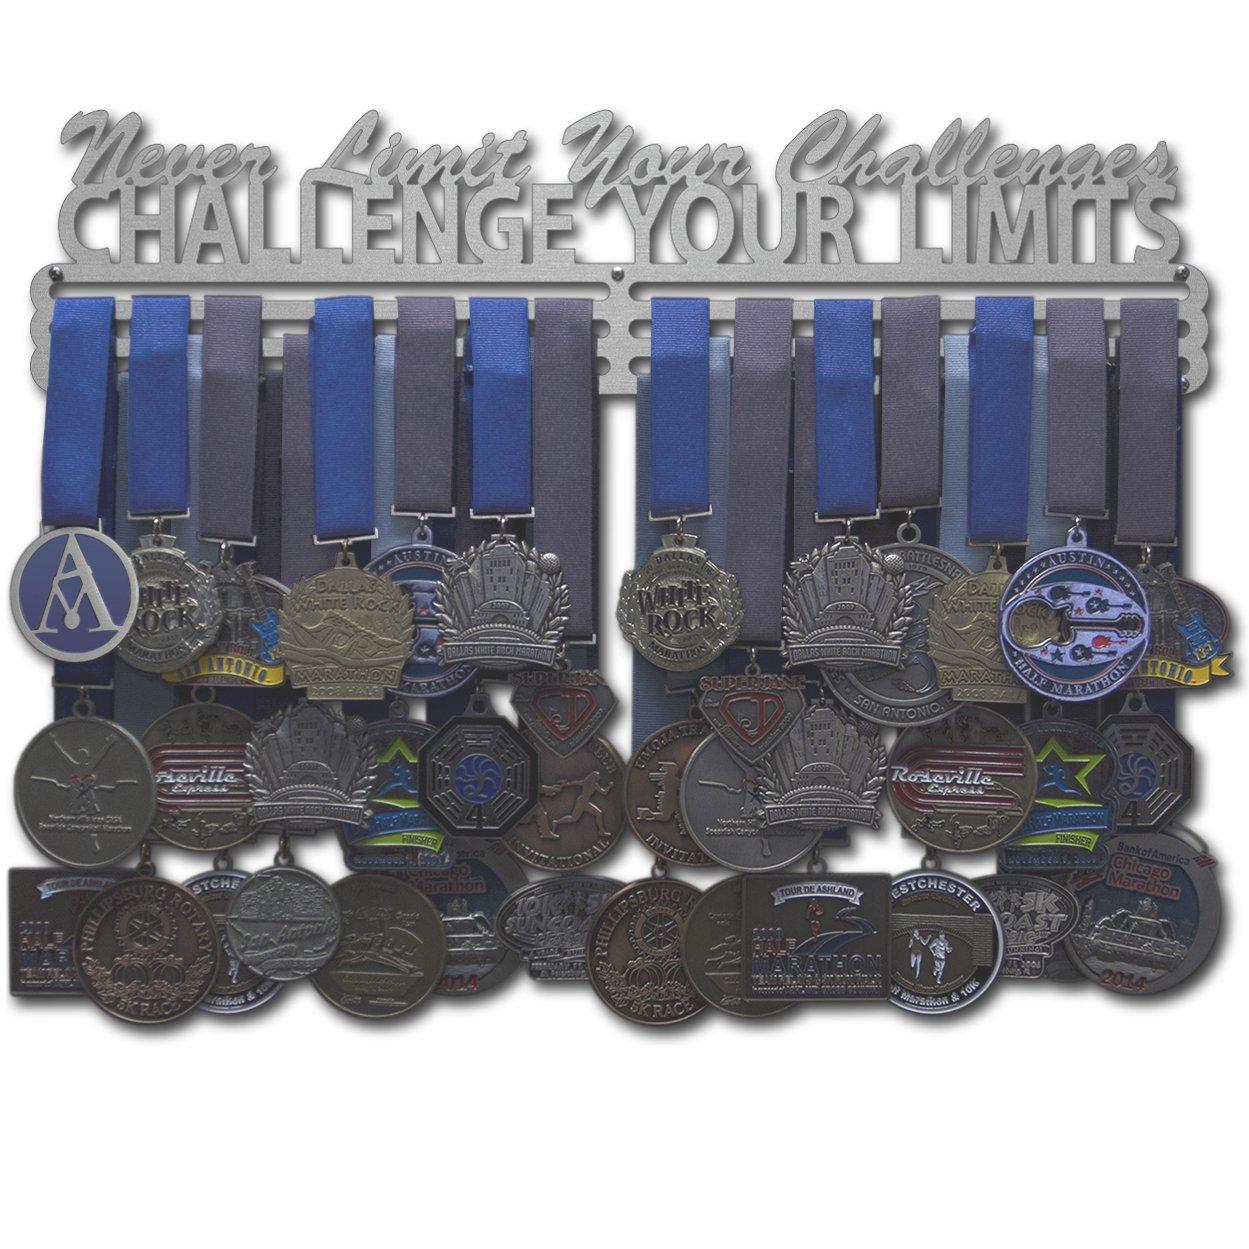 Allied Medal Hangers – Challenge Your Limits – 複数のサイズオプション – スポーツメダルハンガーホルダーディスプレイラック B01BT8OL56 幅18インチ、ハンガーバー3つ付き